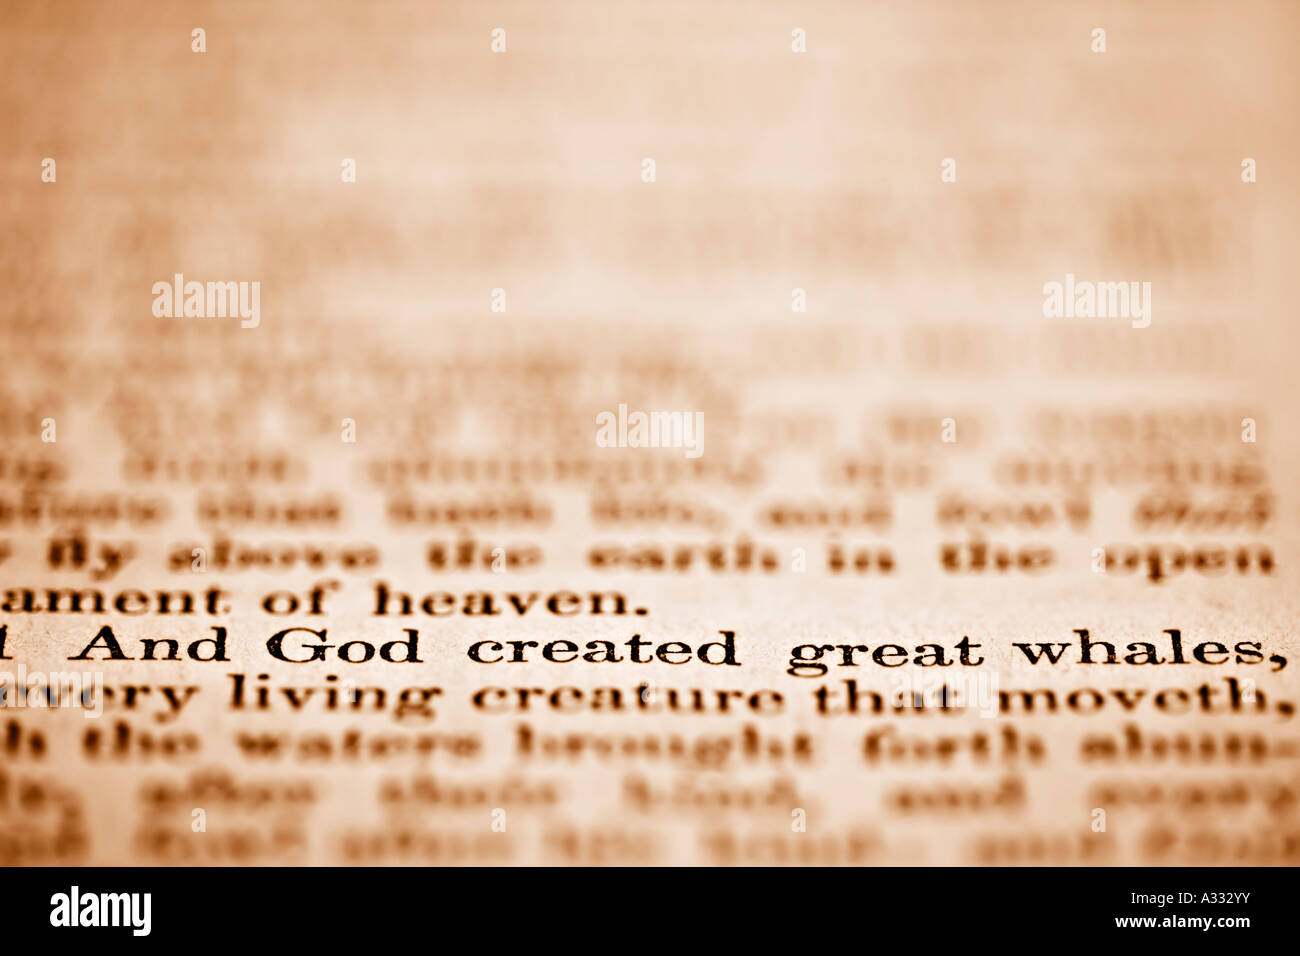 Genesis der Bibel Kapitel 1 und Gott schuf große Wale Stockbild